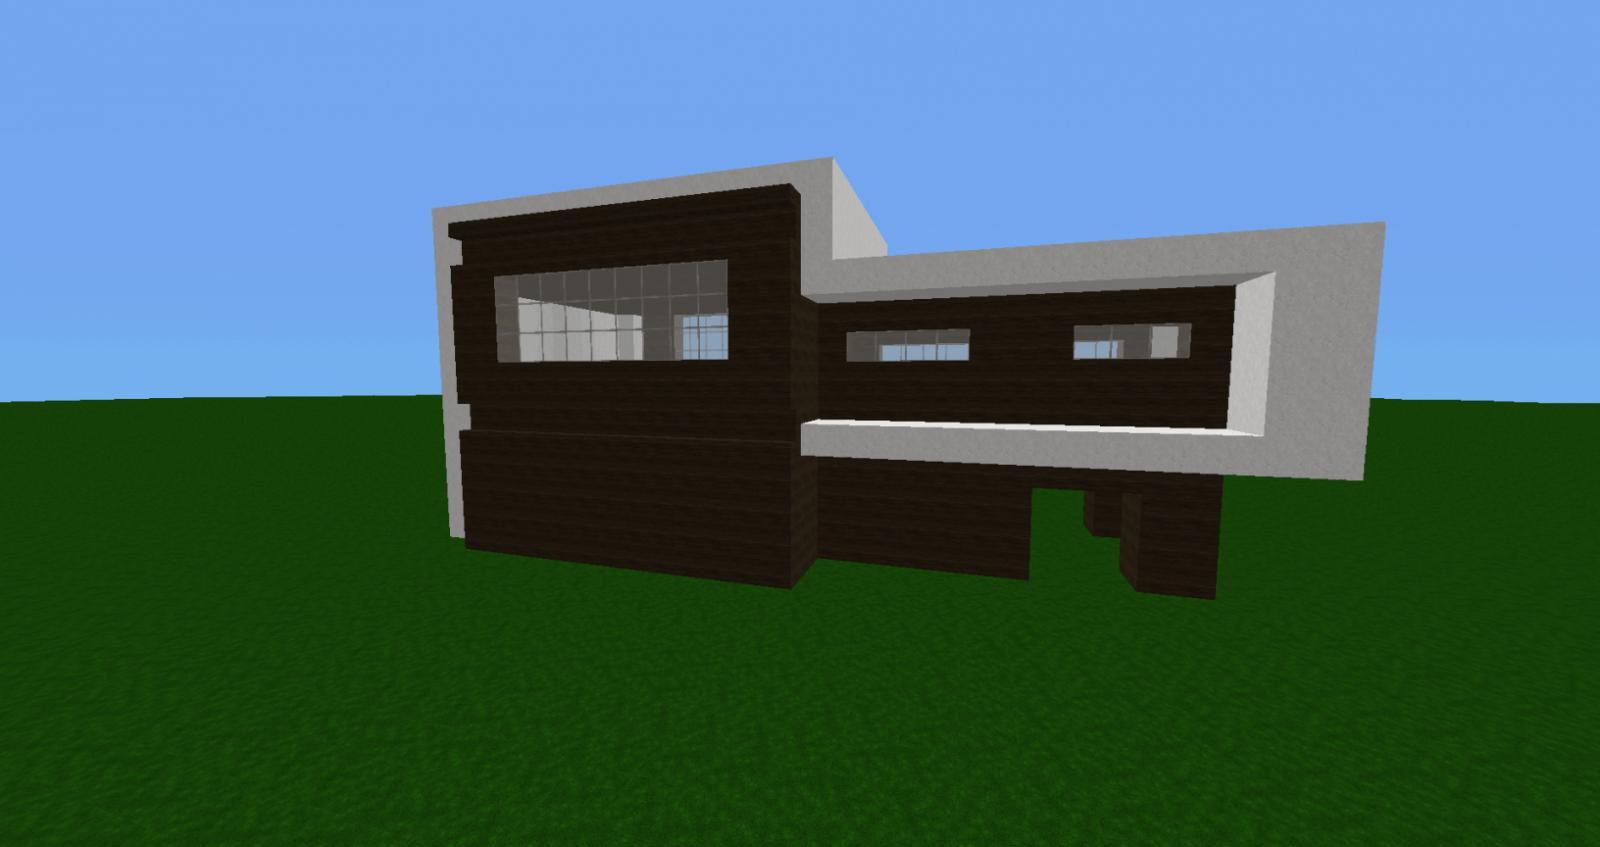 Minecraft Bauplan Modernes Haus Mulenja Co Avec Minecraft Villa von Minecraft Modernes Haus Bauplan Bild